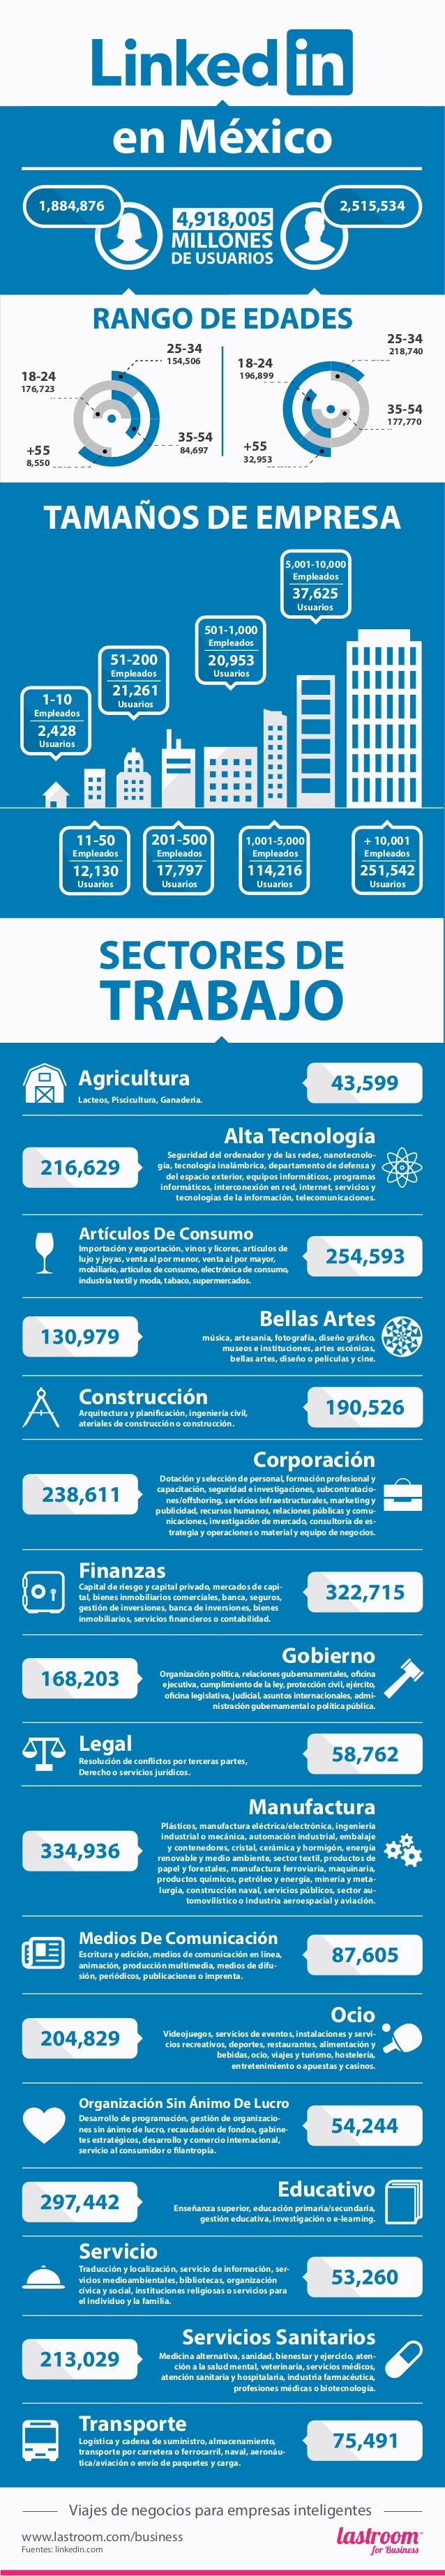 Infografías sobre México